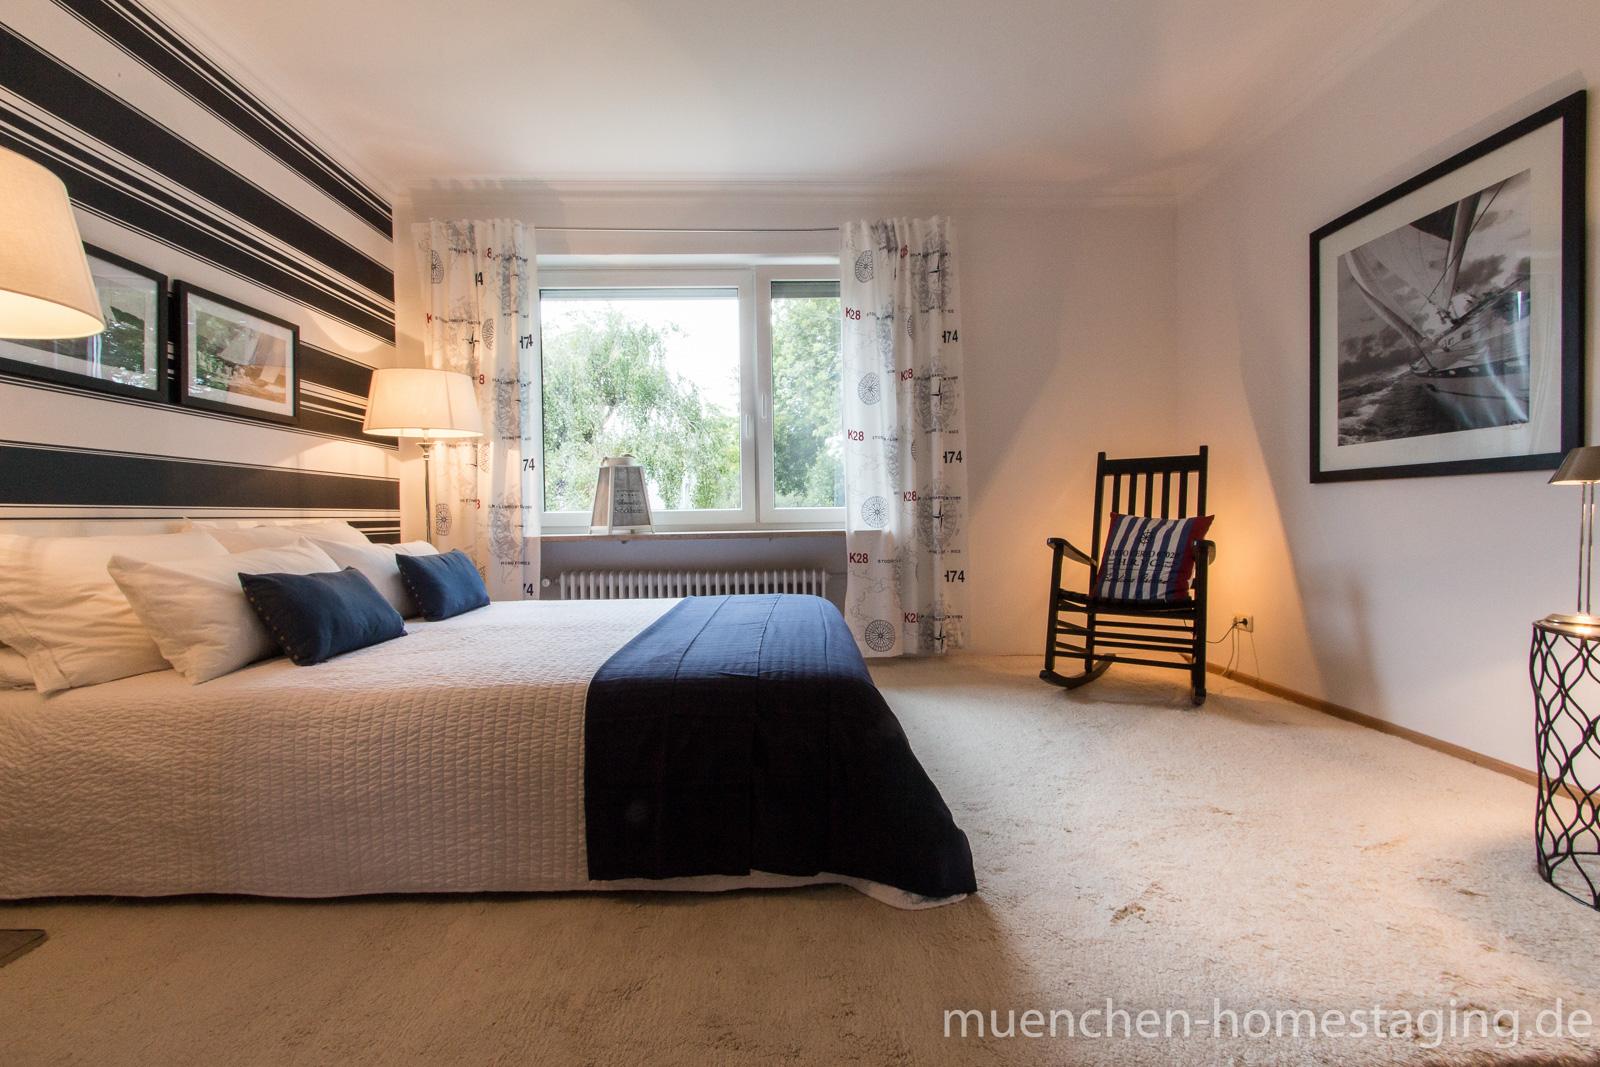 schlafzimmer maritim 28 images schlafzimmer m 252 nchner home staging agentur dogwood way. Black Bedroom Furniture Sets. Home Design Ideas